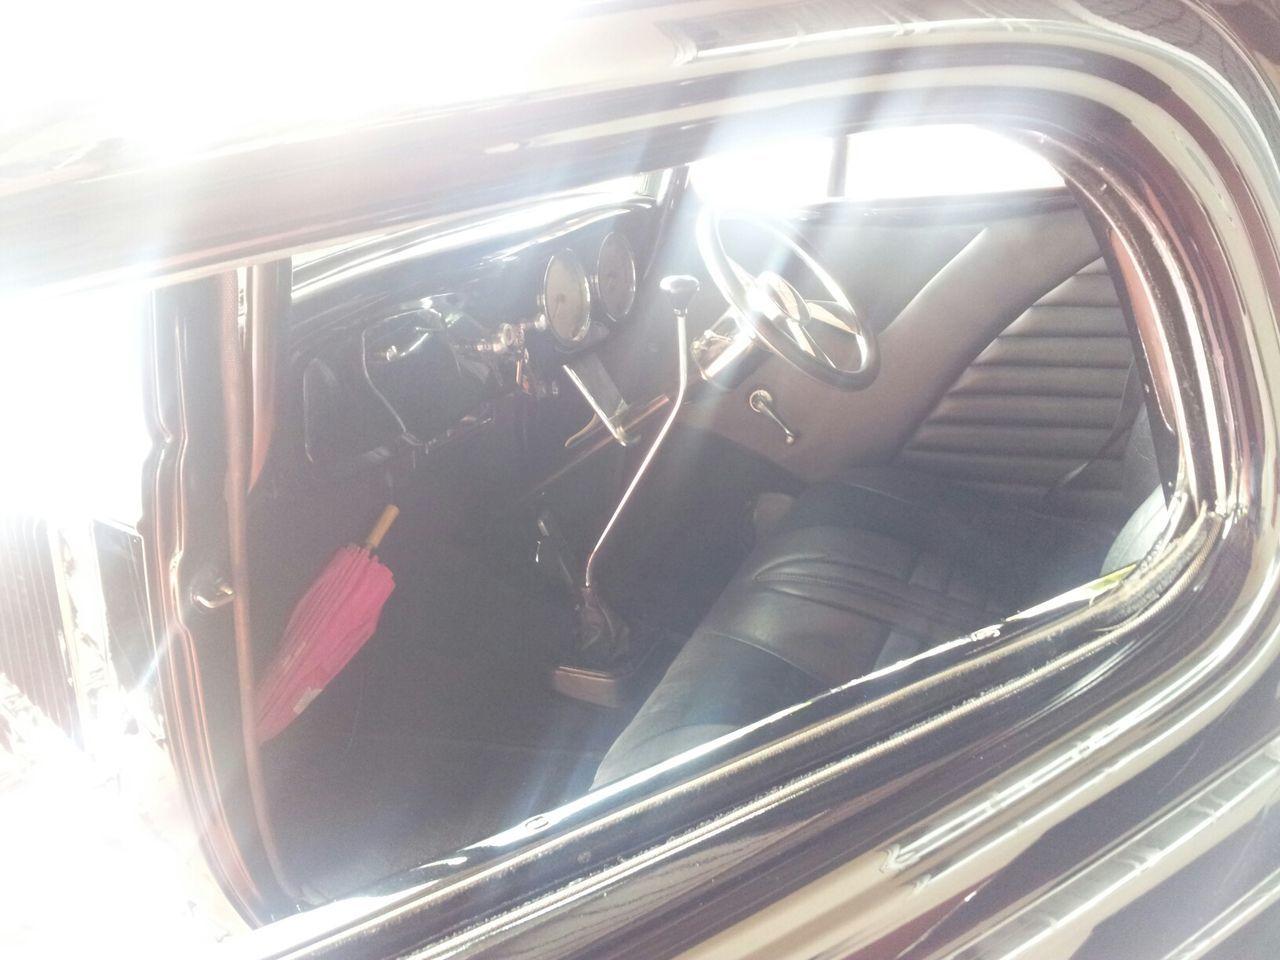 Vintage Cars Vehicle Interior